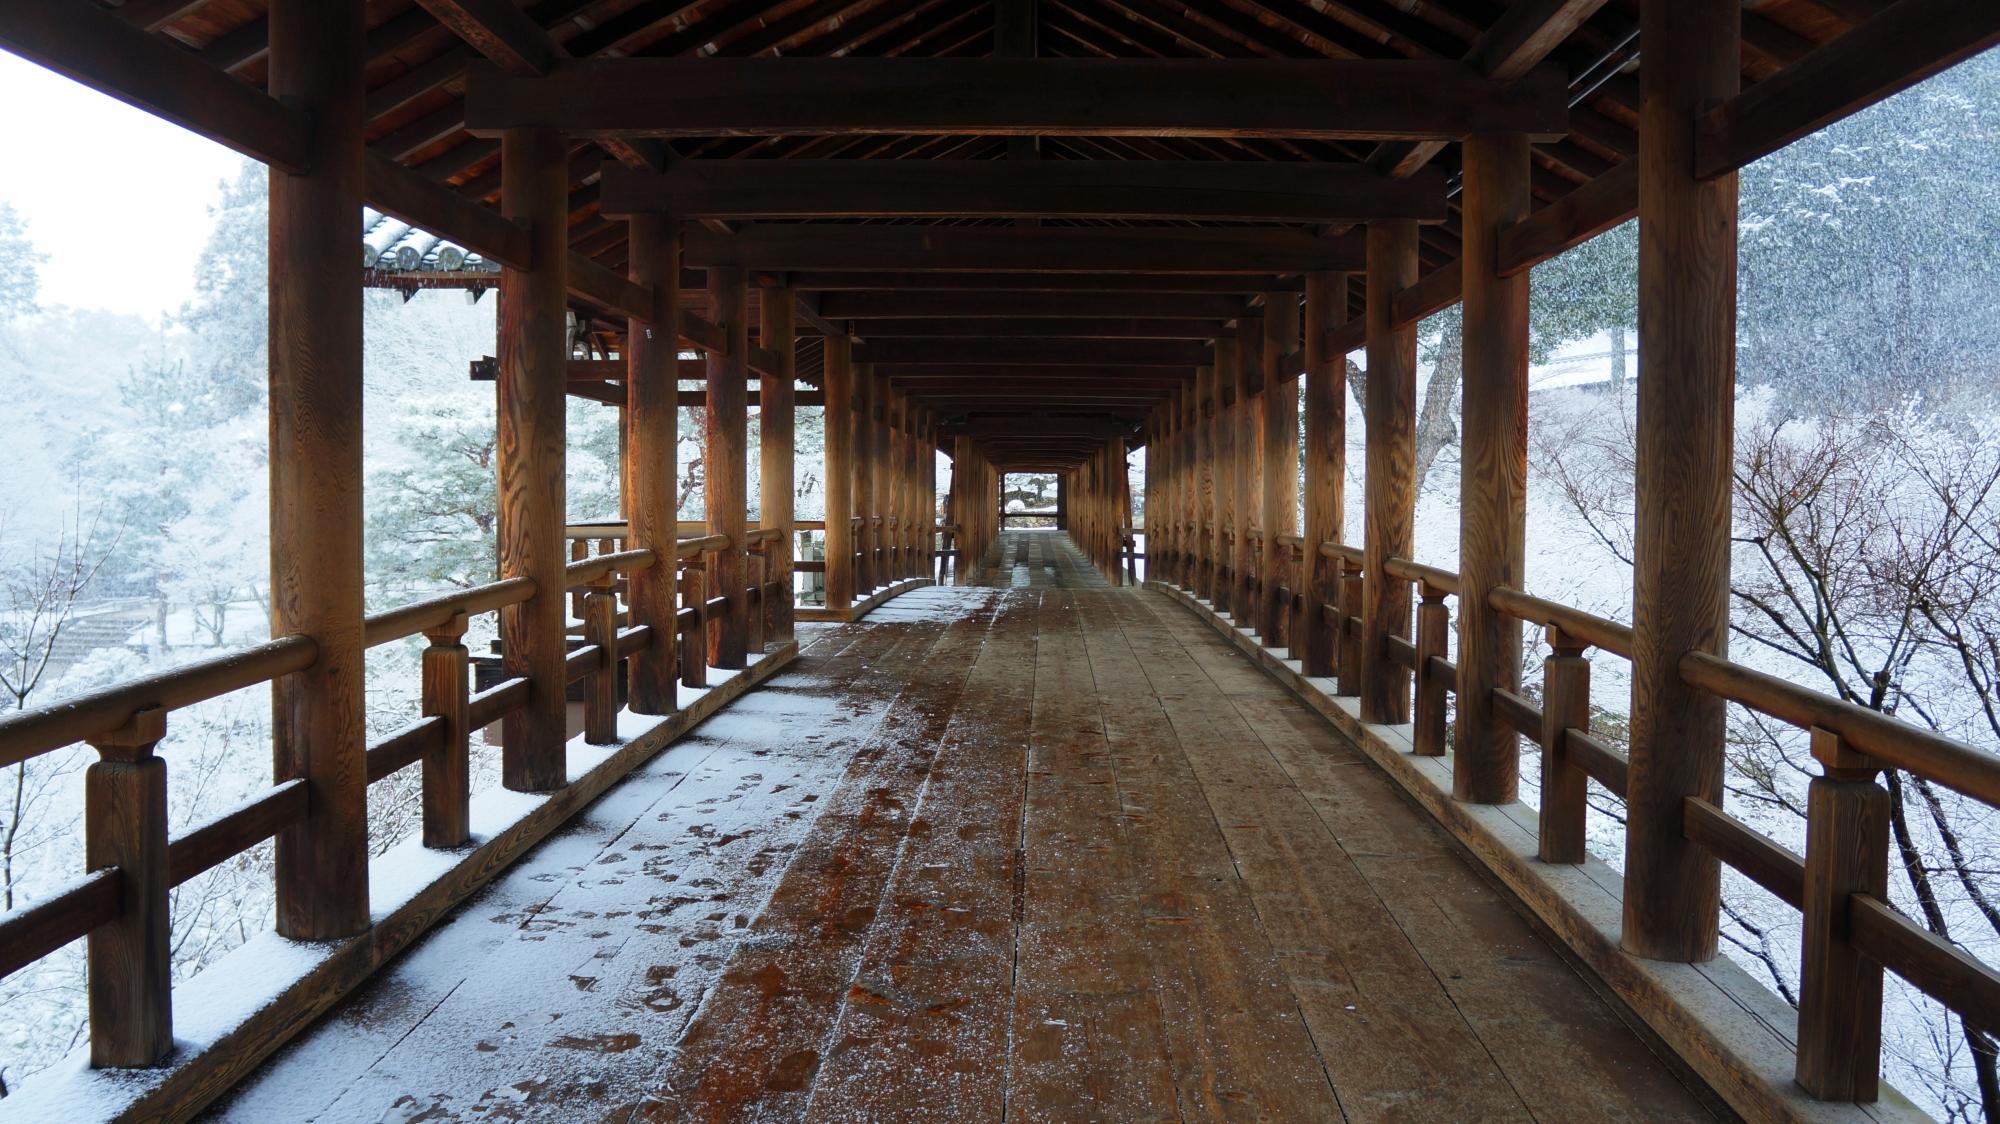 通天橋と回廊の雪景色